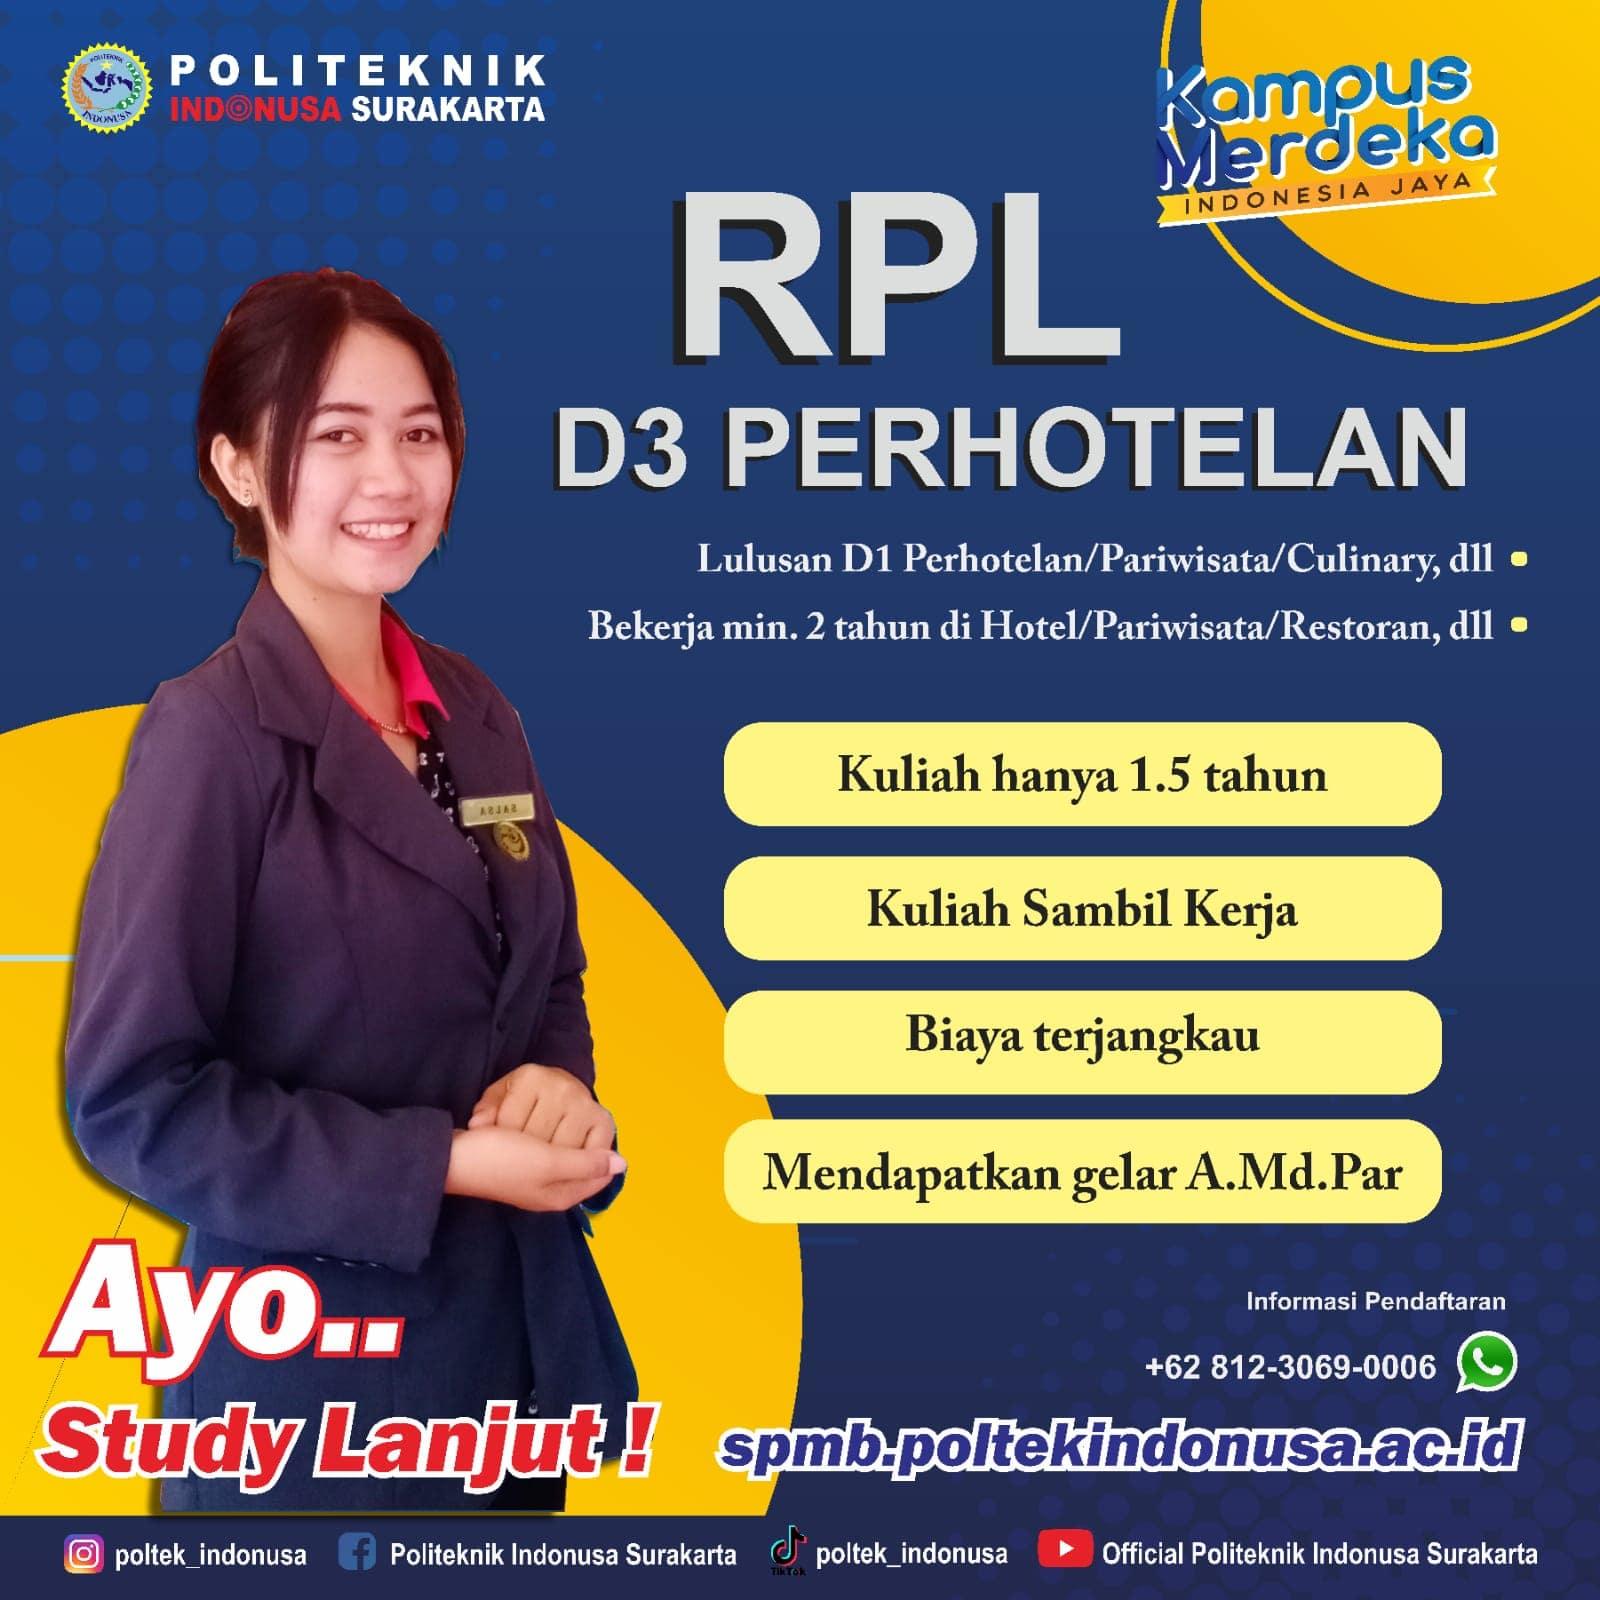 Kelas RPL D3 Perhotelan